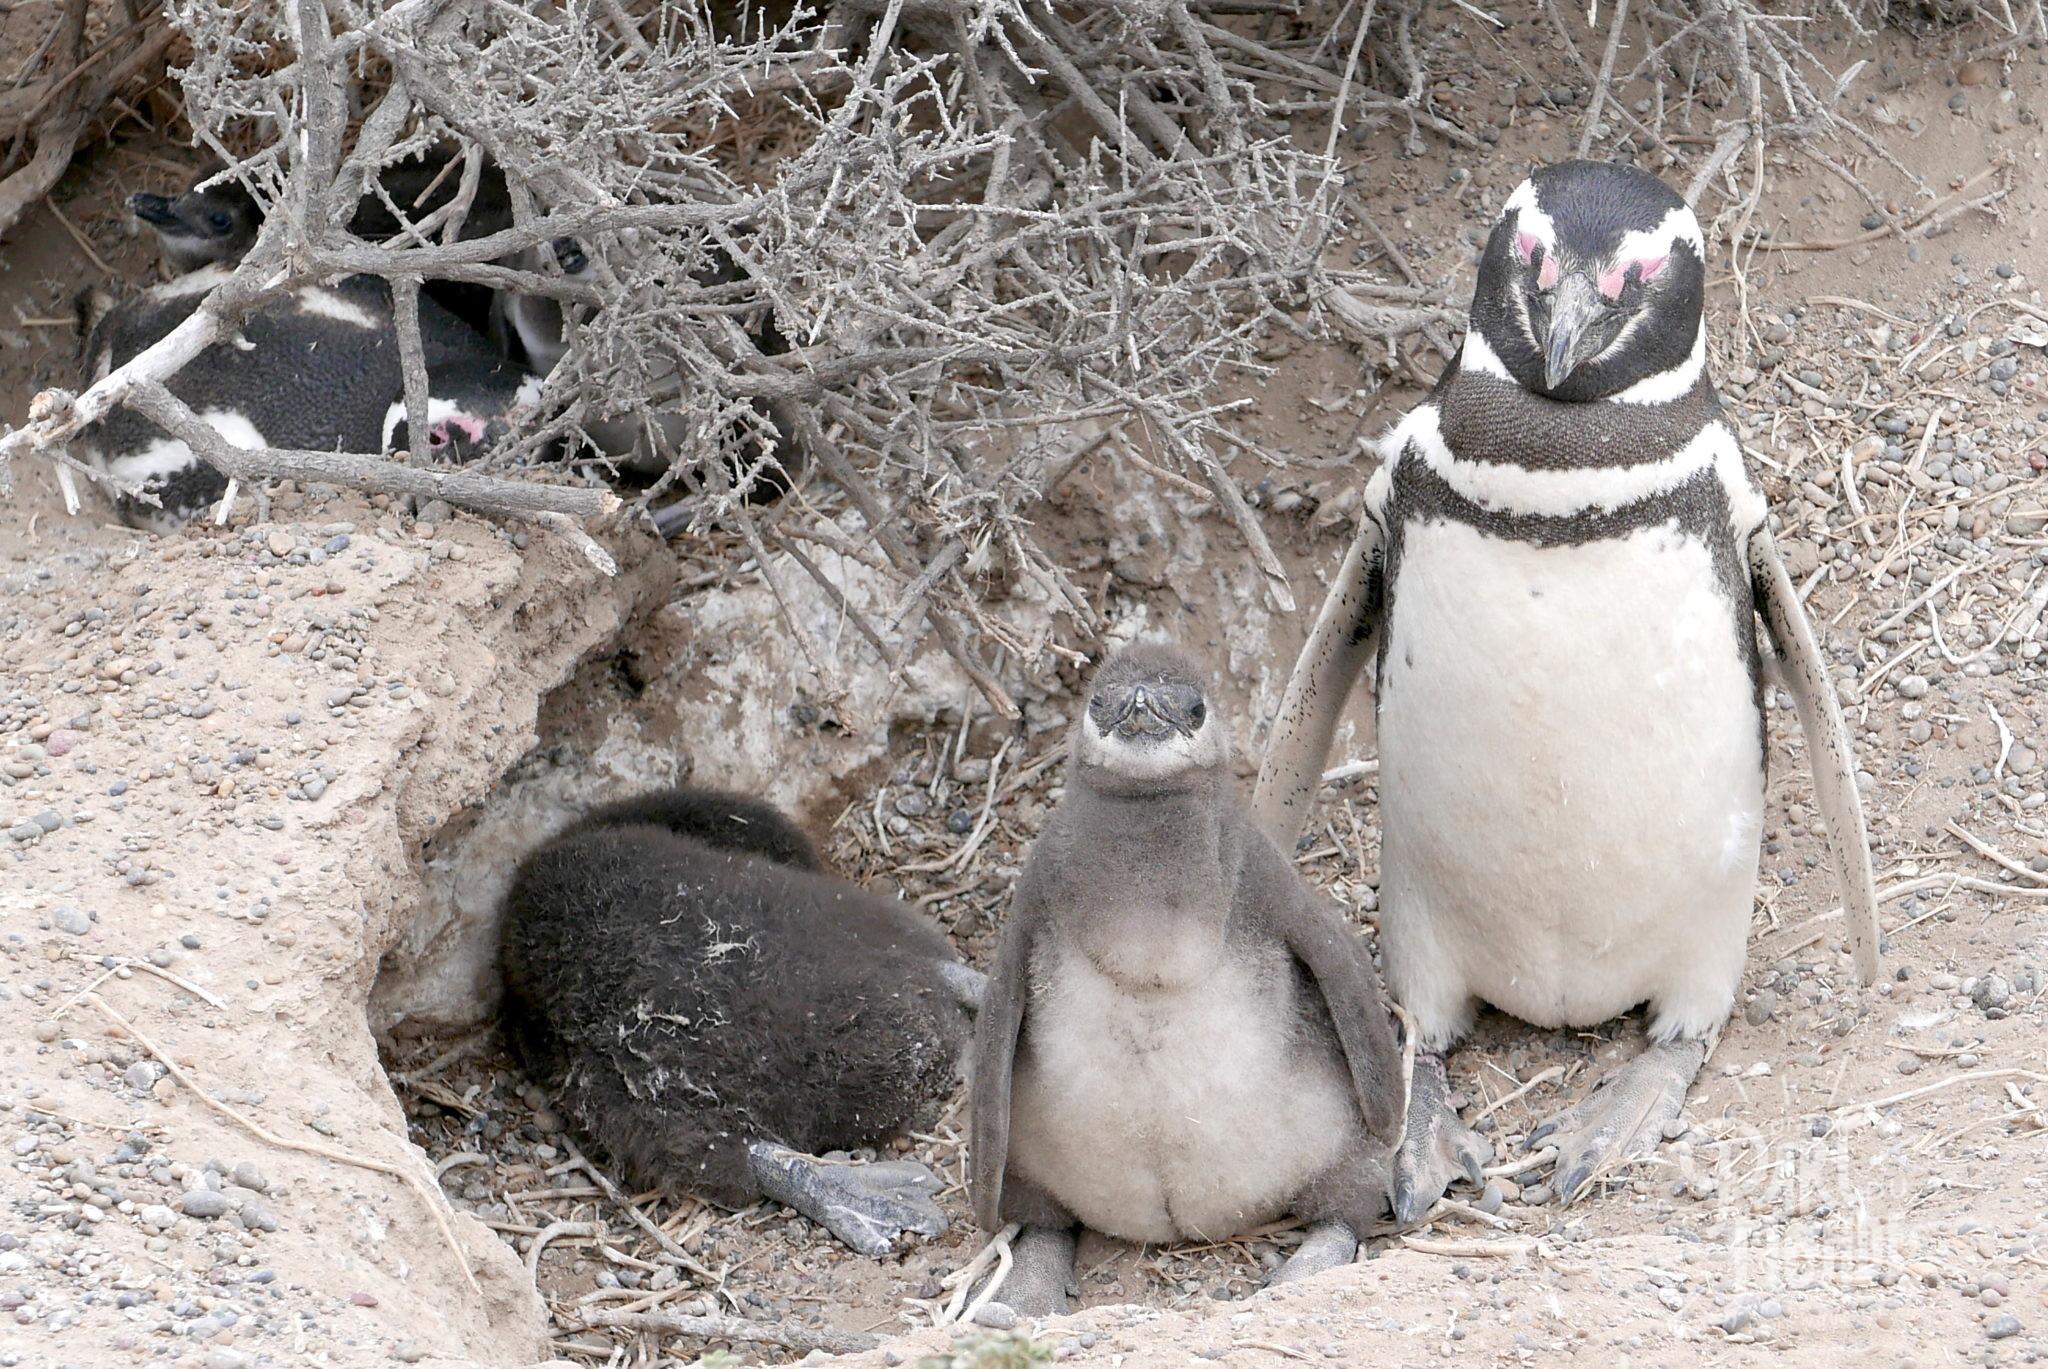 péninsule de valdès punta tombo bébé pinguin